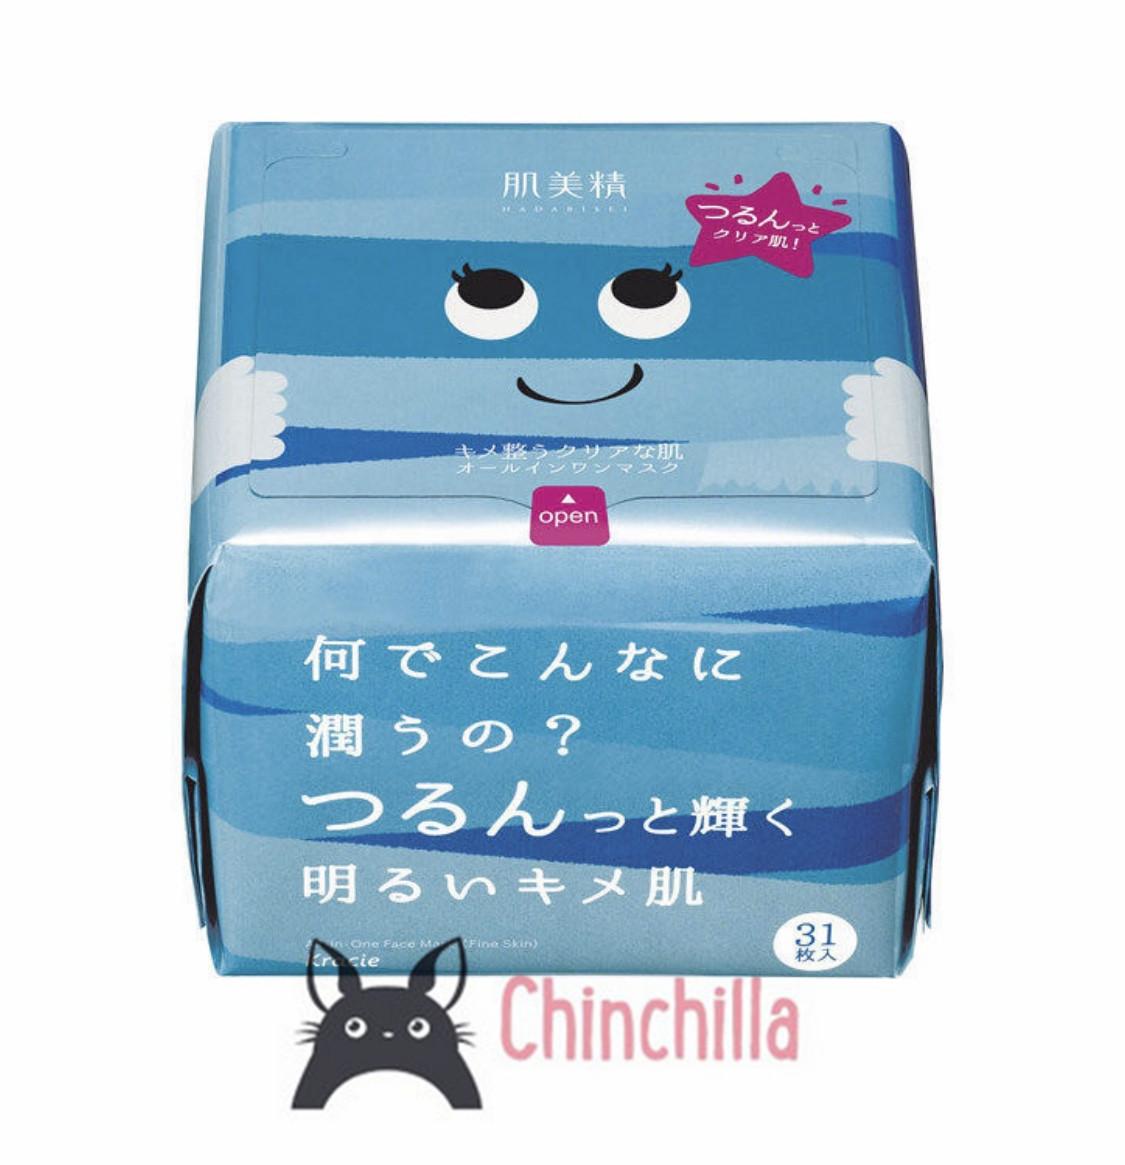 日本Kracie肌美精深层浸透抽取式面膜31枚清爽保湿